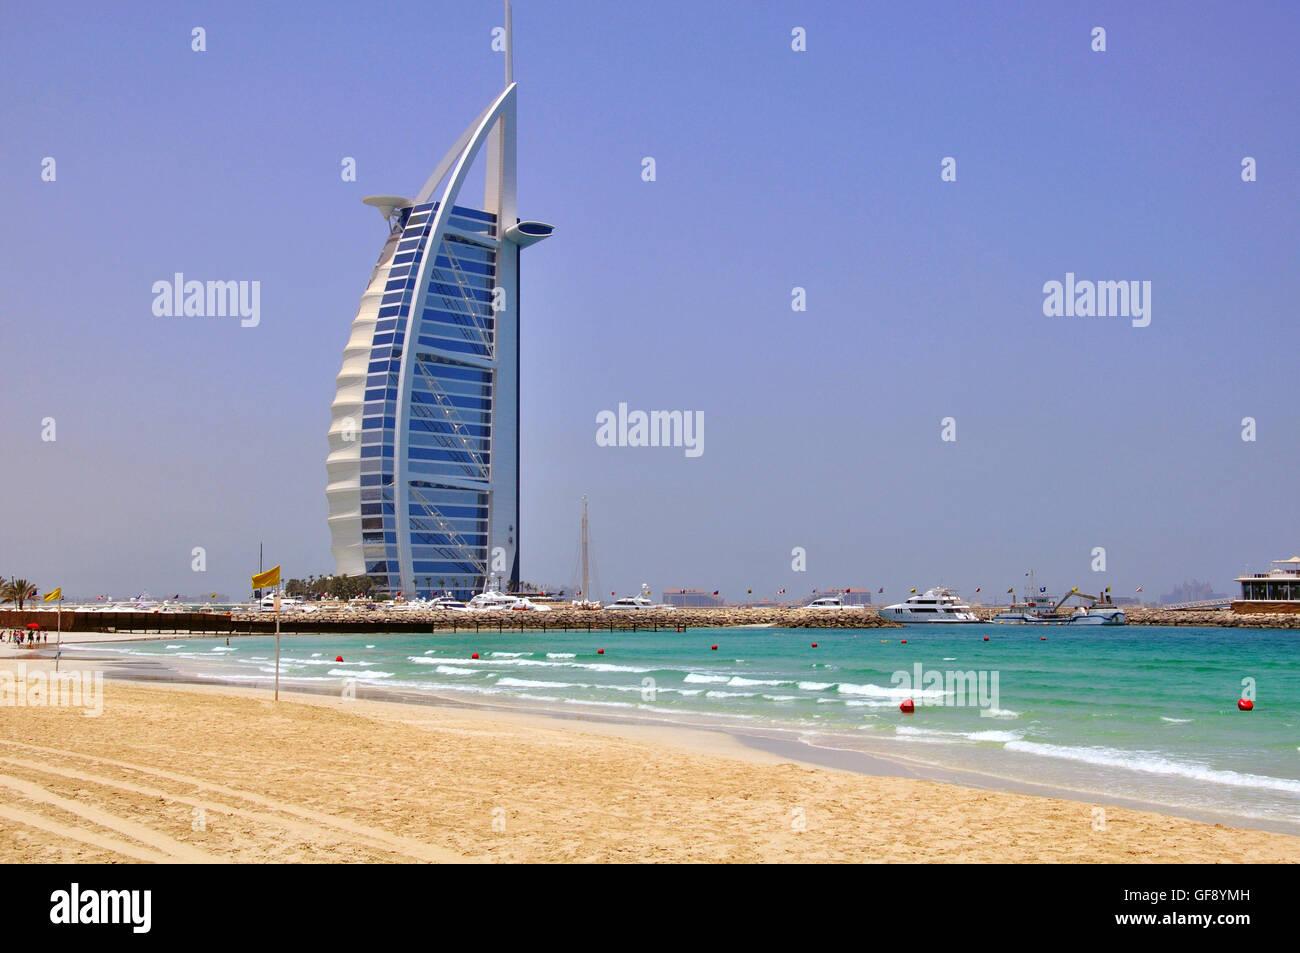 DUBAI, UAE - JUNE 11: Burj Al Arab, the most expensive hotel in the world in Dubai city on June 11, 2012. - Stock Image